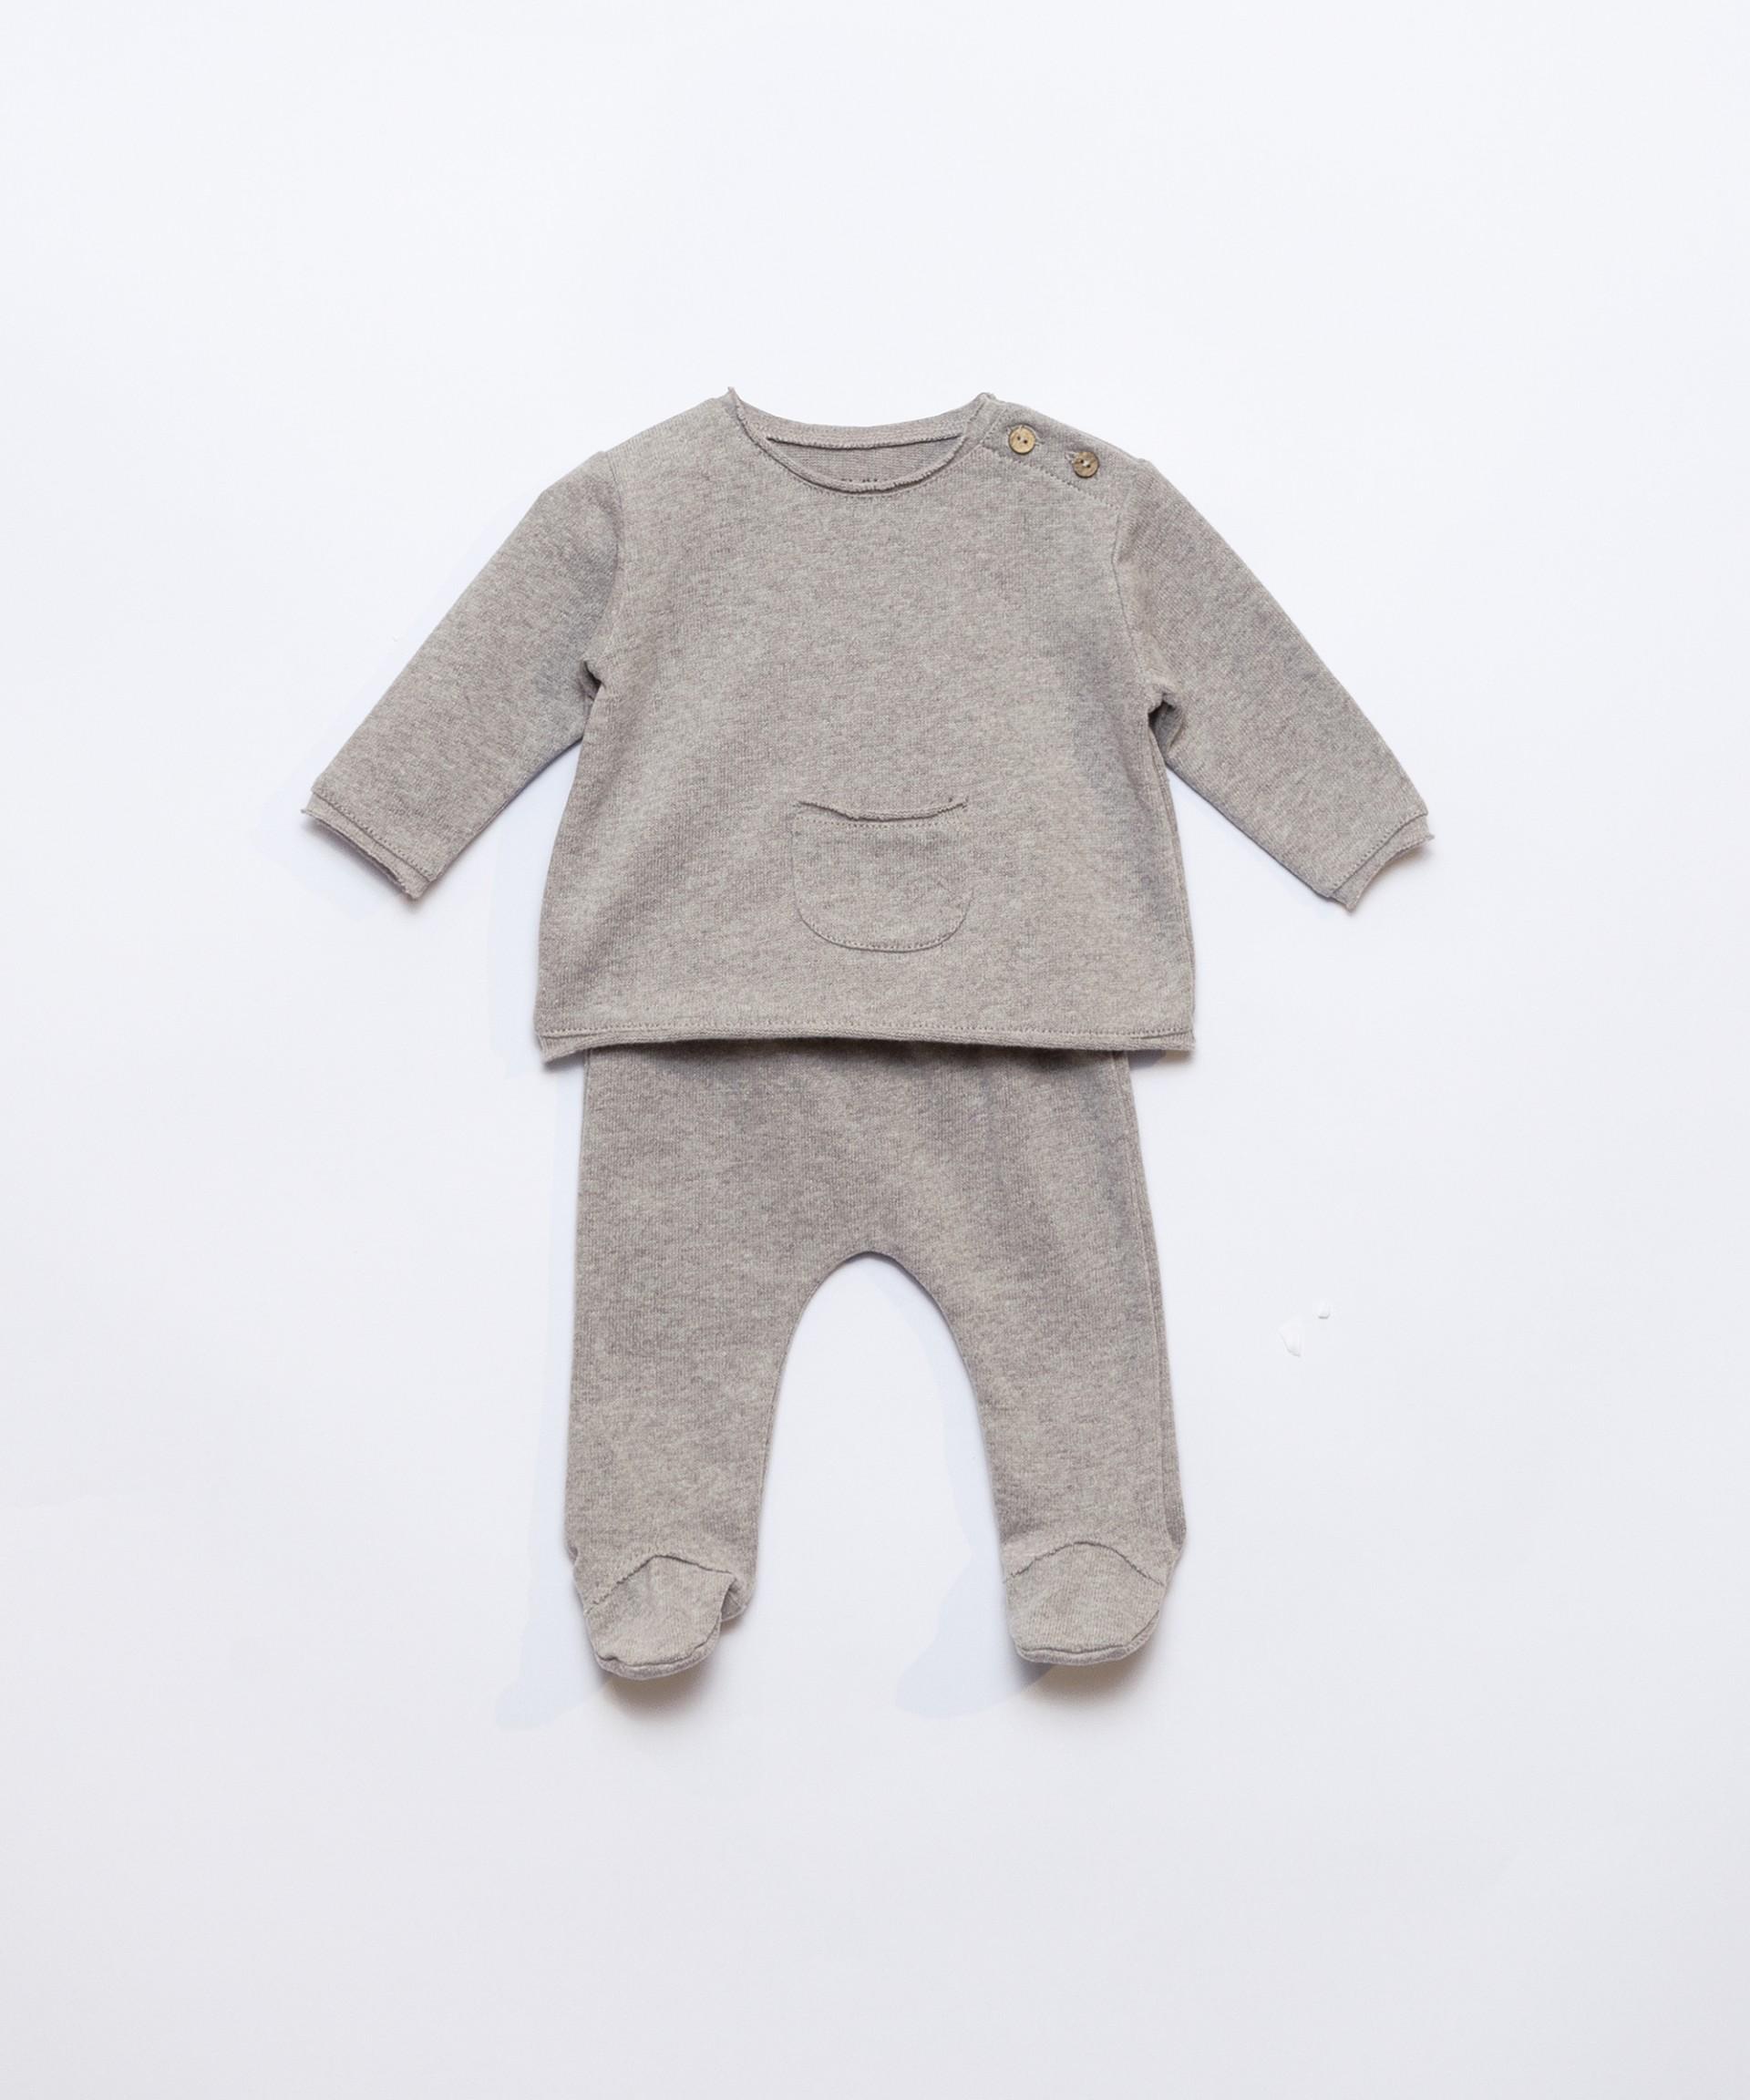 Conjunto camisola com bolso e calça | Illustration